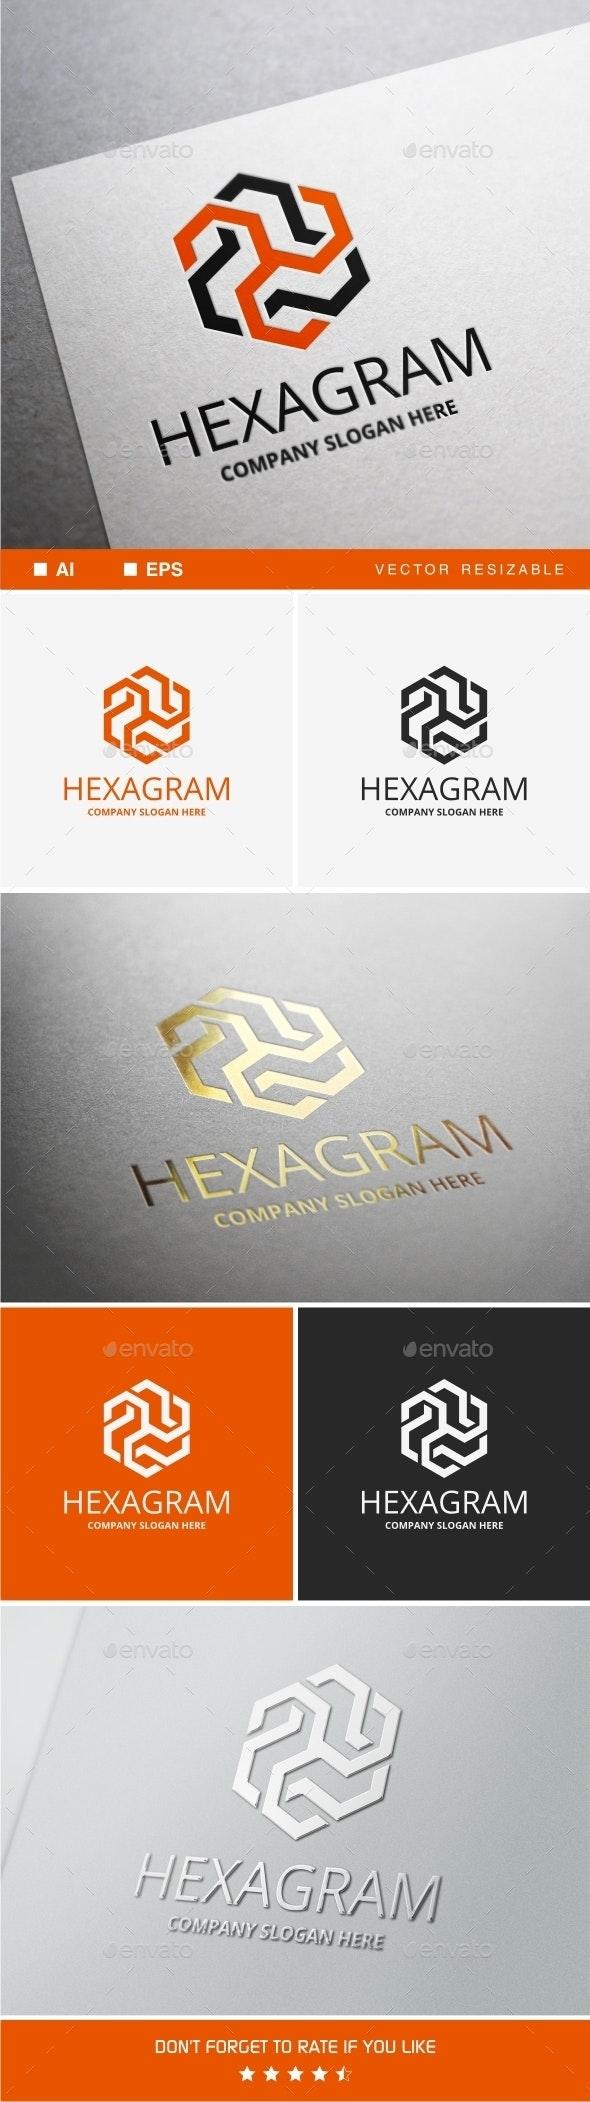 Hexagram Logo - Vector Abstract